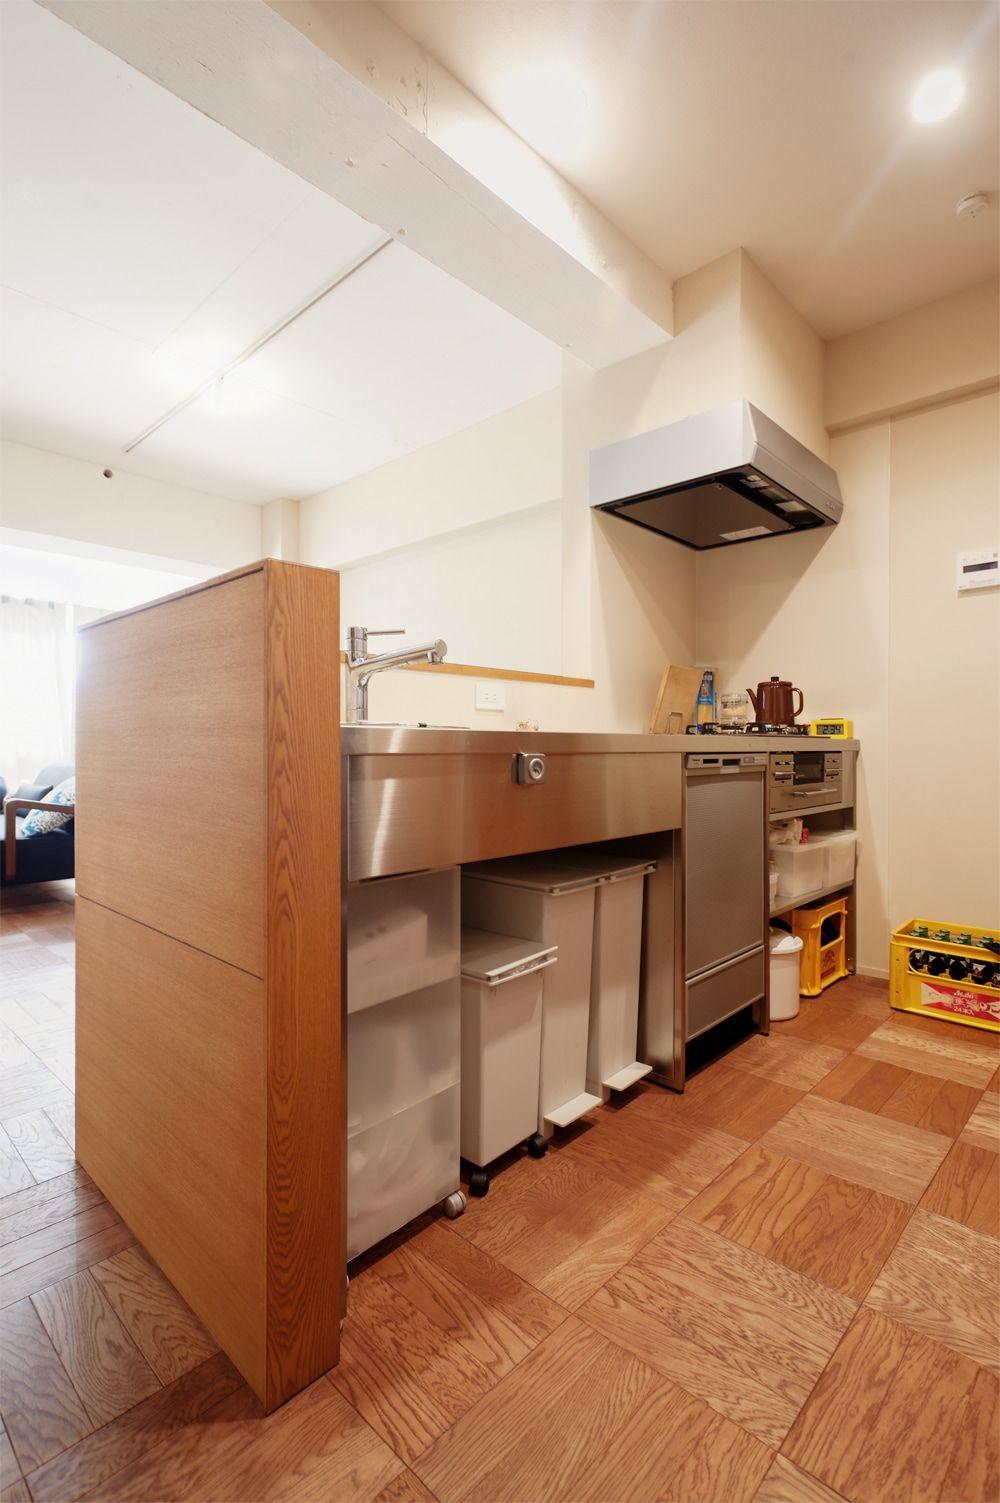 リフォーム リノベーションの事例 キッチン 施工事例no 277ふたりのこだわりを詰めこんだ理想の家 スタイル工房 シンク下 家 キッチン